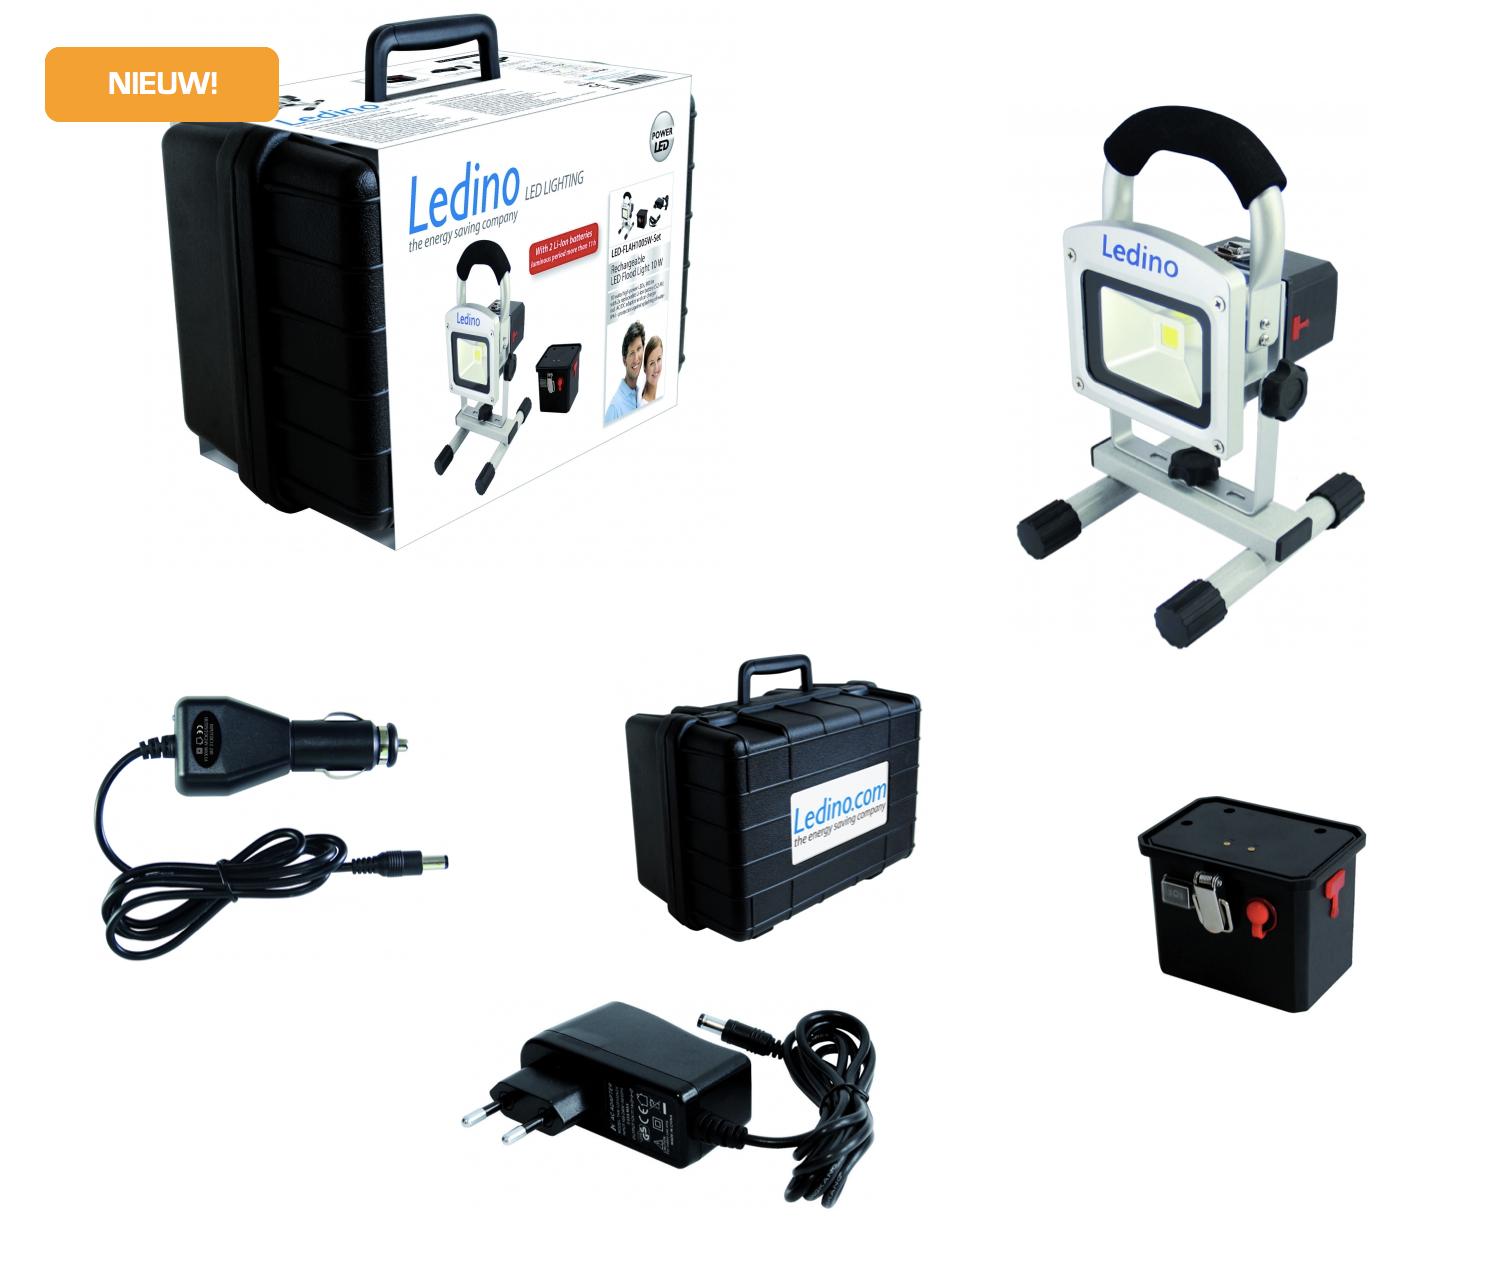 Bekend Ledino FLAH1005W-Set LED bouwlamp met extra accu in koffer 10W 5.2Ah UA04